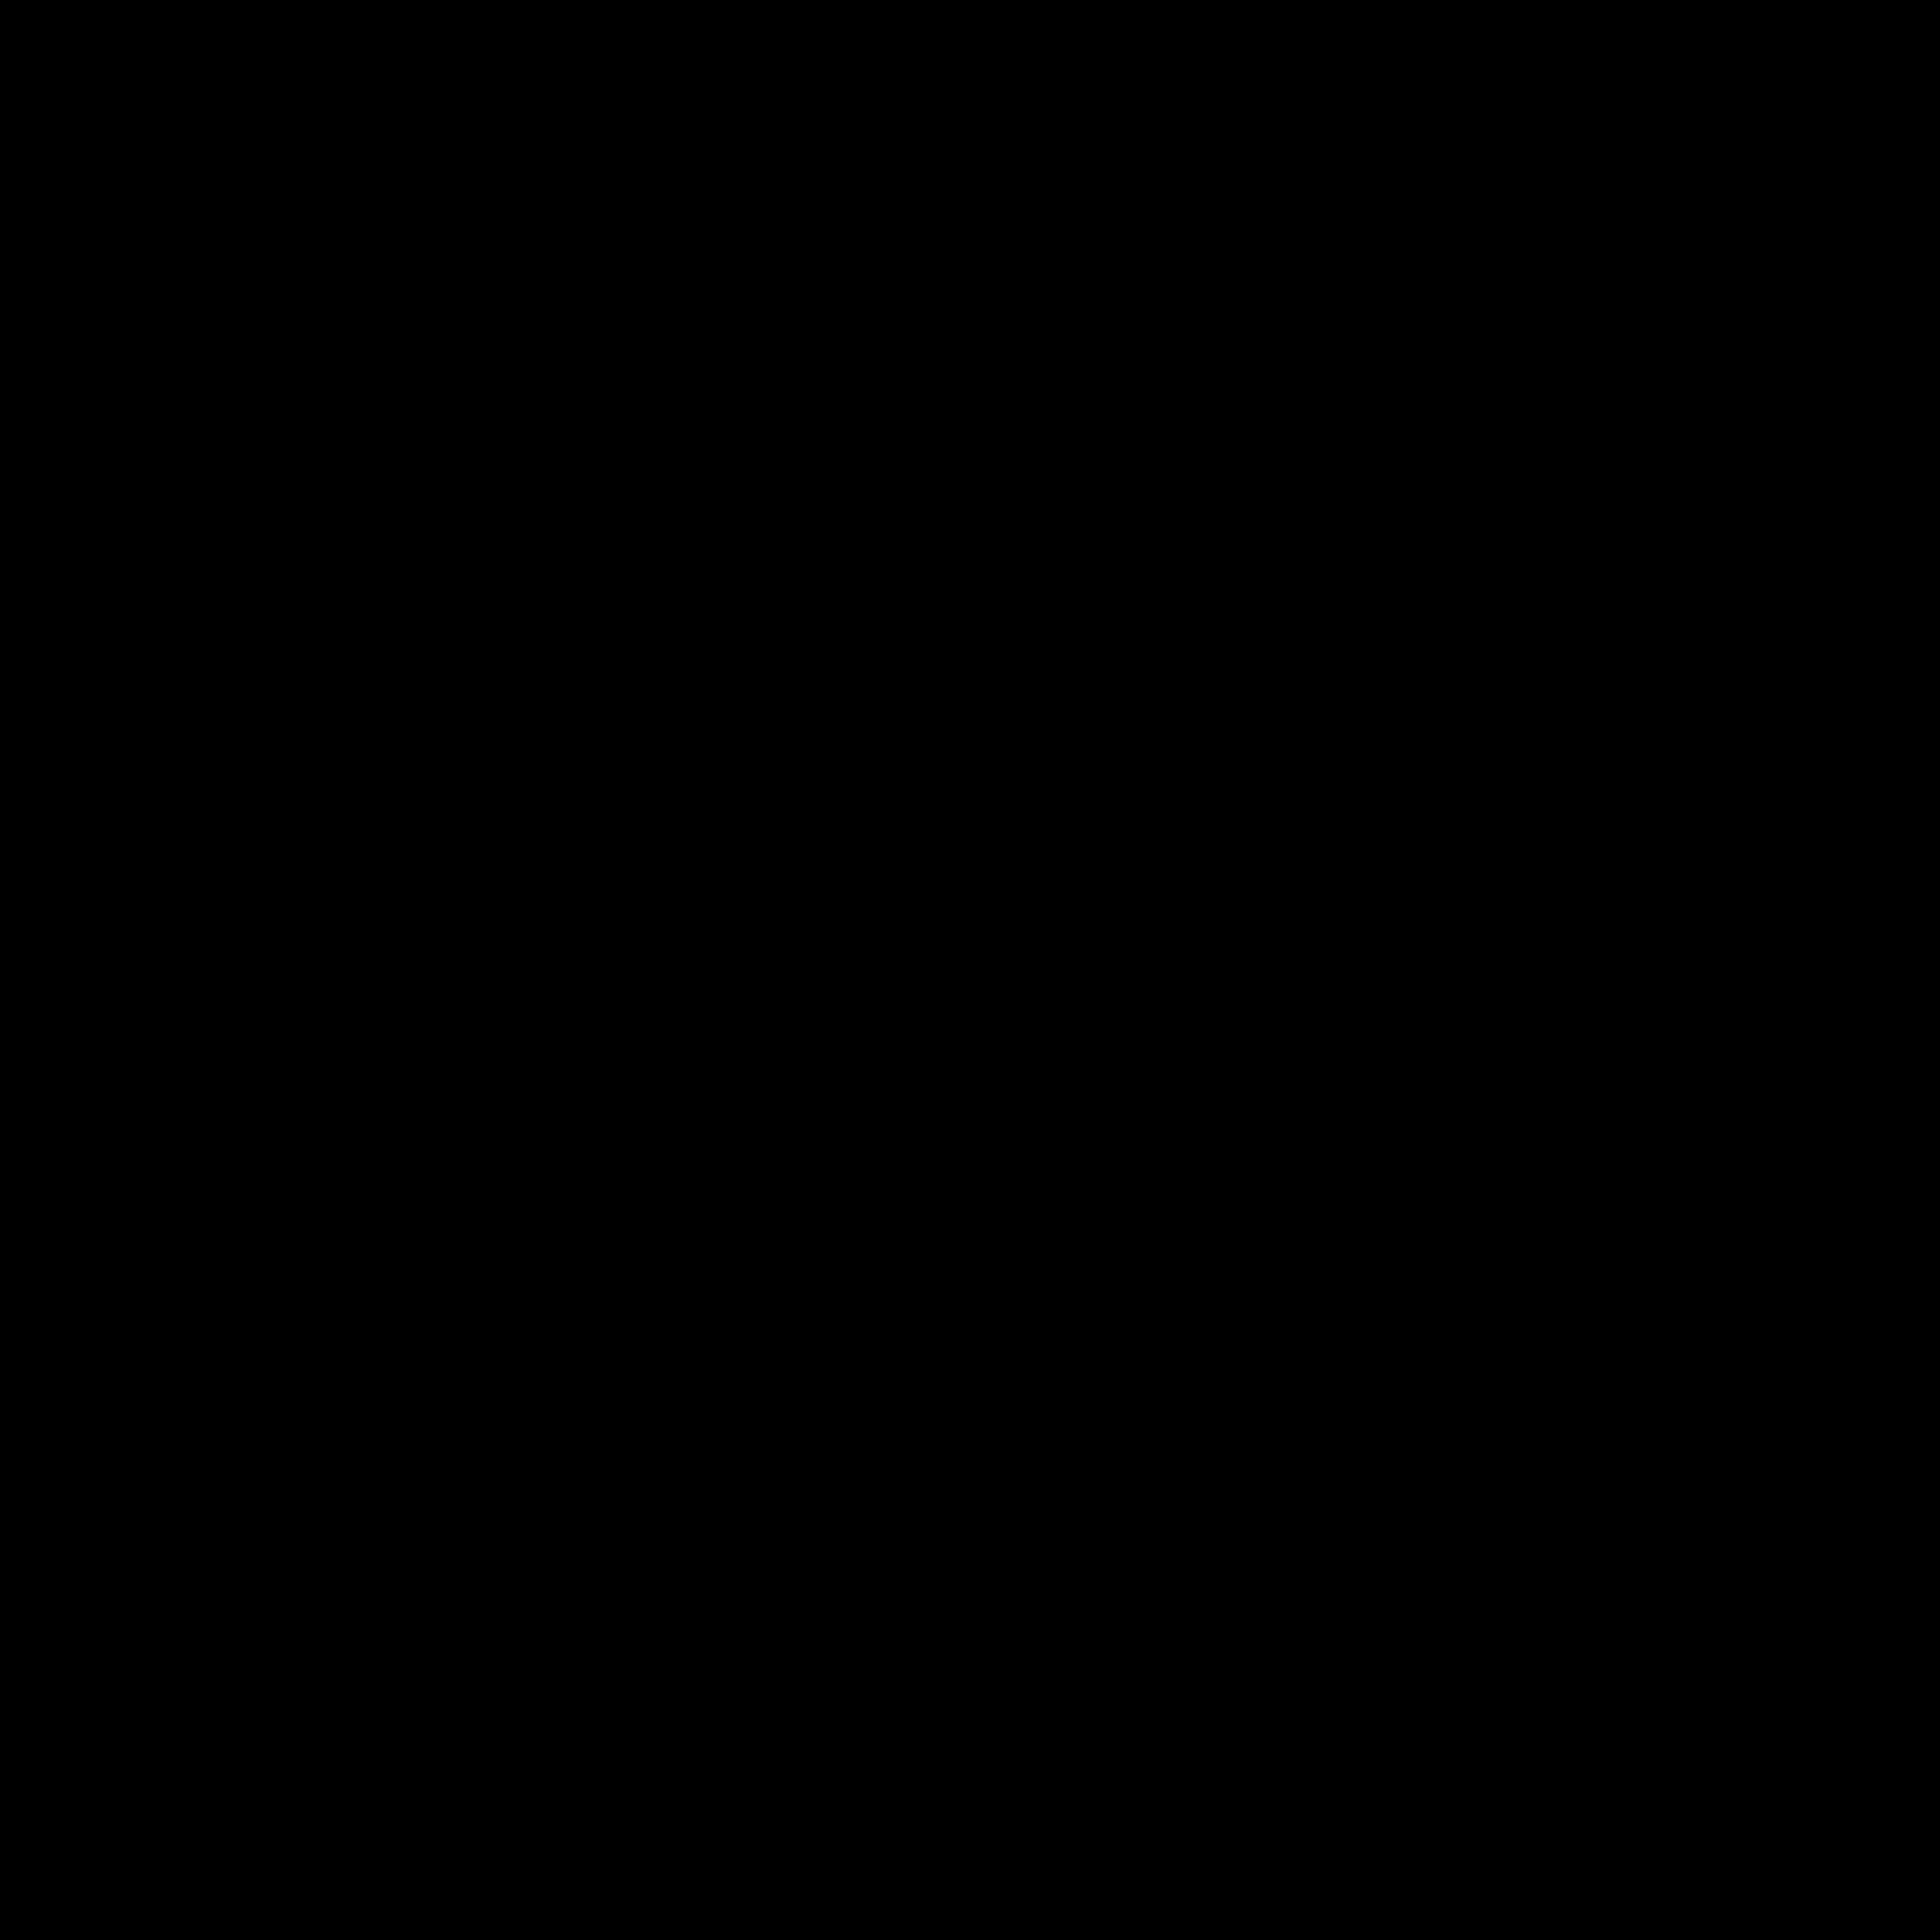 Les boîtes à vélo logo